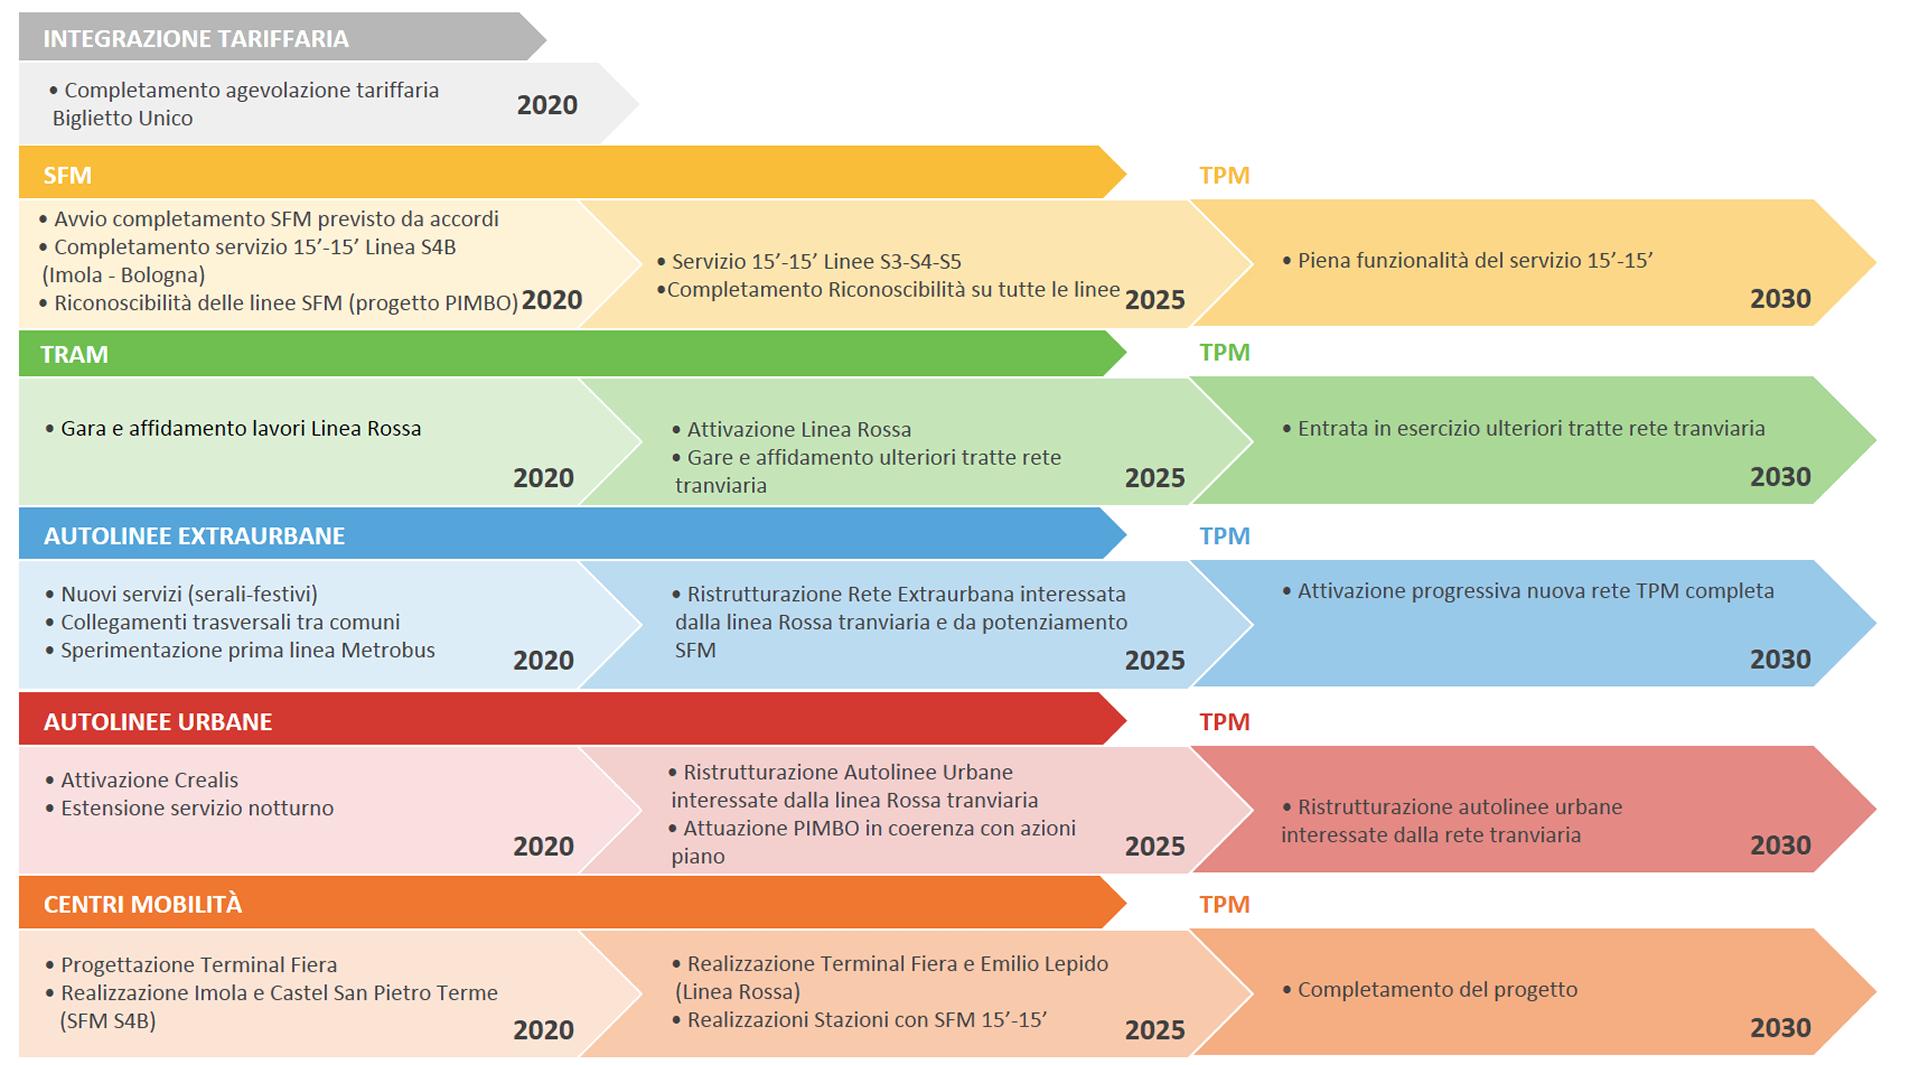 Le principali azioni di Piano rappresentate attraverso un quadro sintetico che consente di visualizzare le diverse fasi di attuazione previste - parte 1